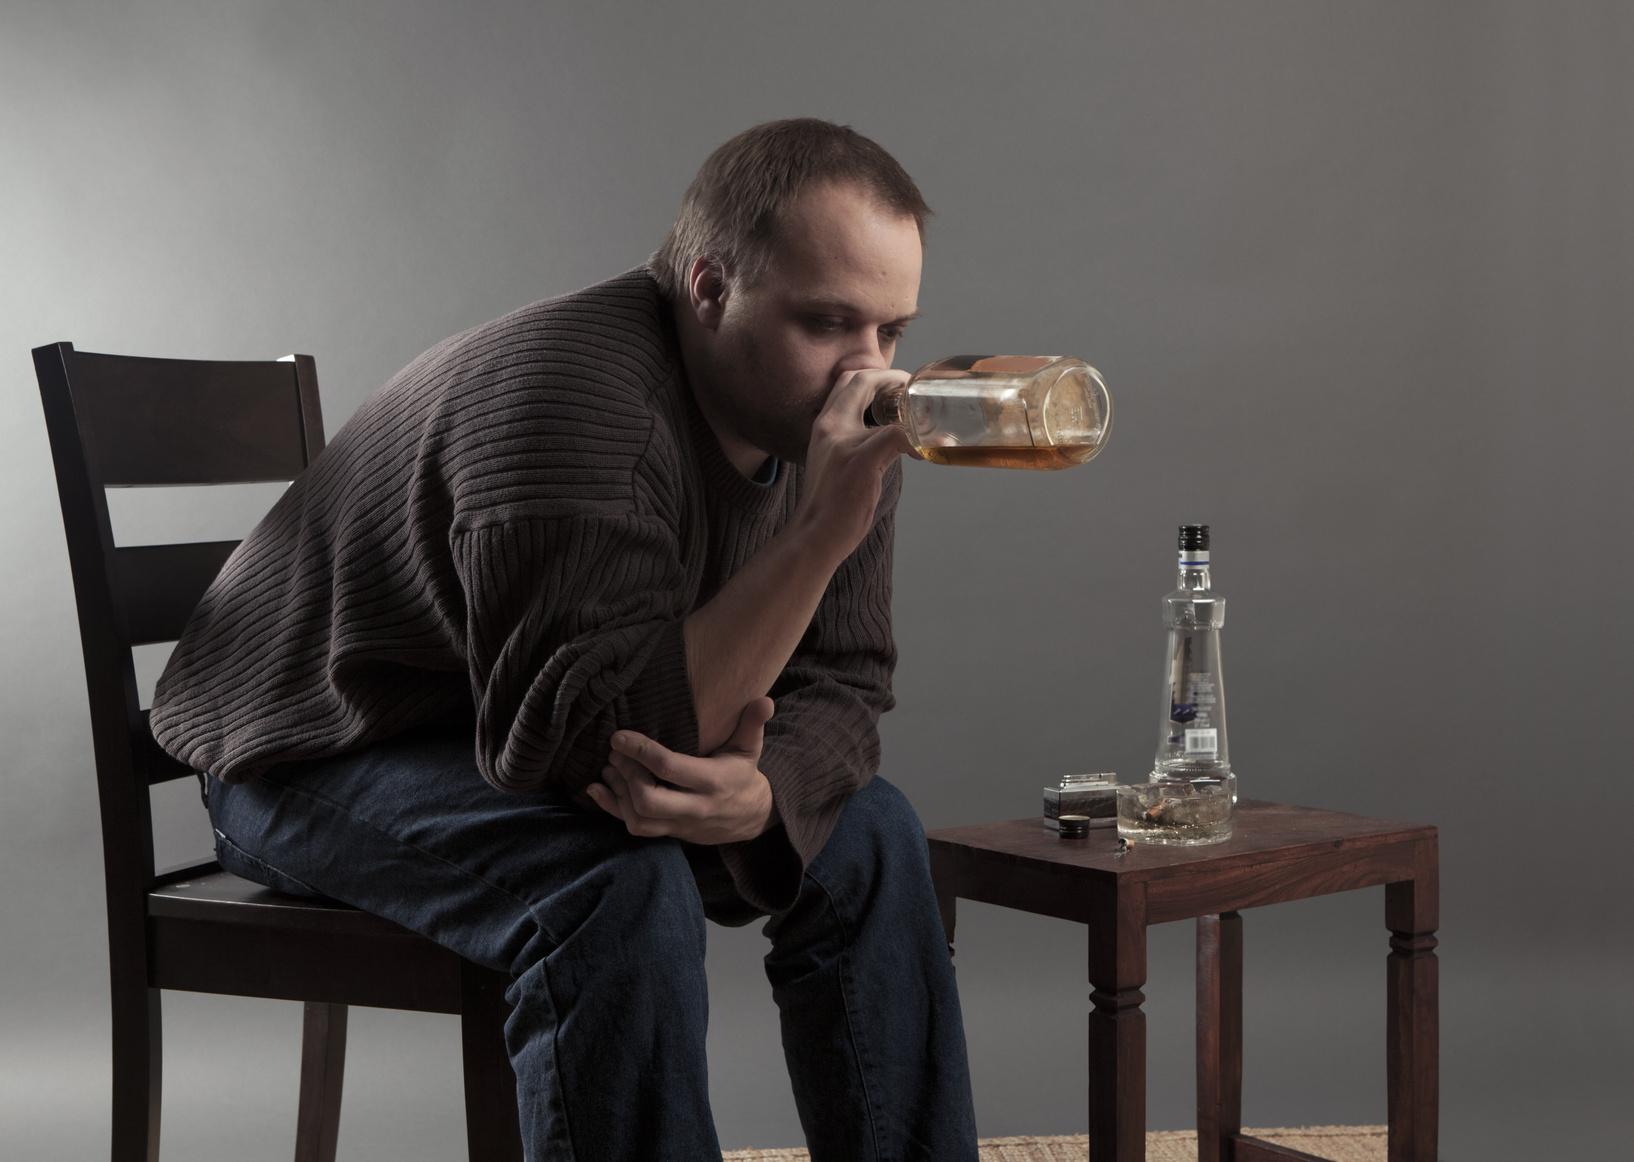 Чем опасен алкоголизм? Последствия злоупотребления «огненной водой»